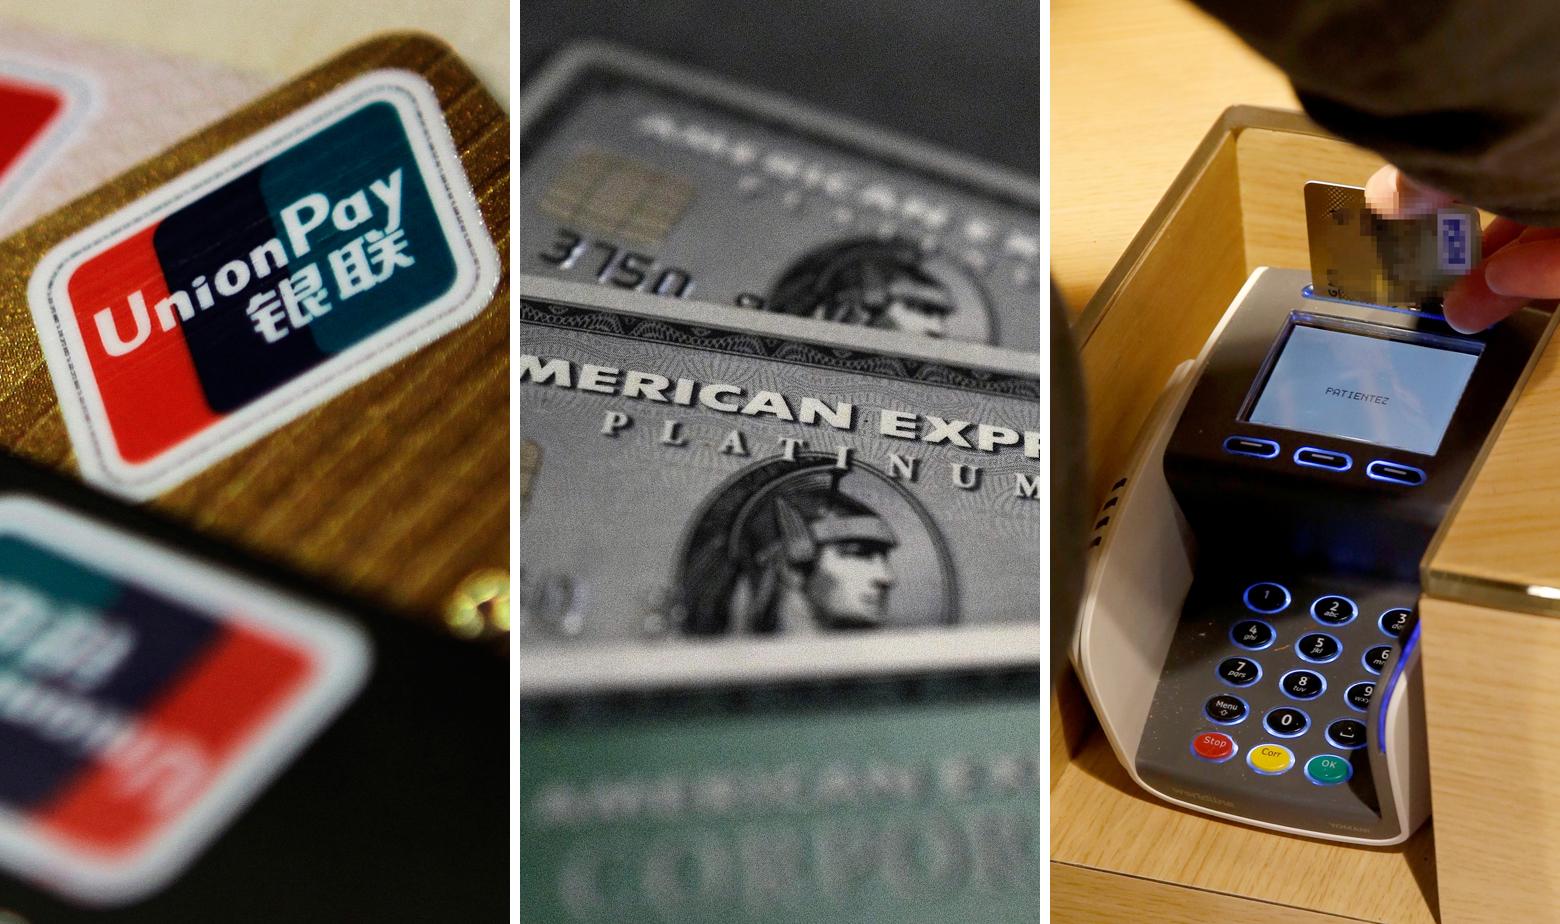 Ilustracija - UnionPay, American Express i plaćanje karticom